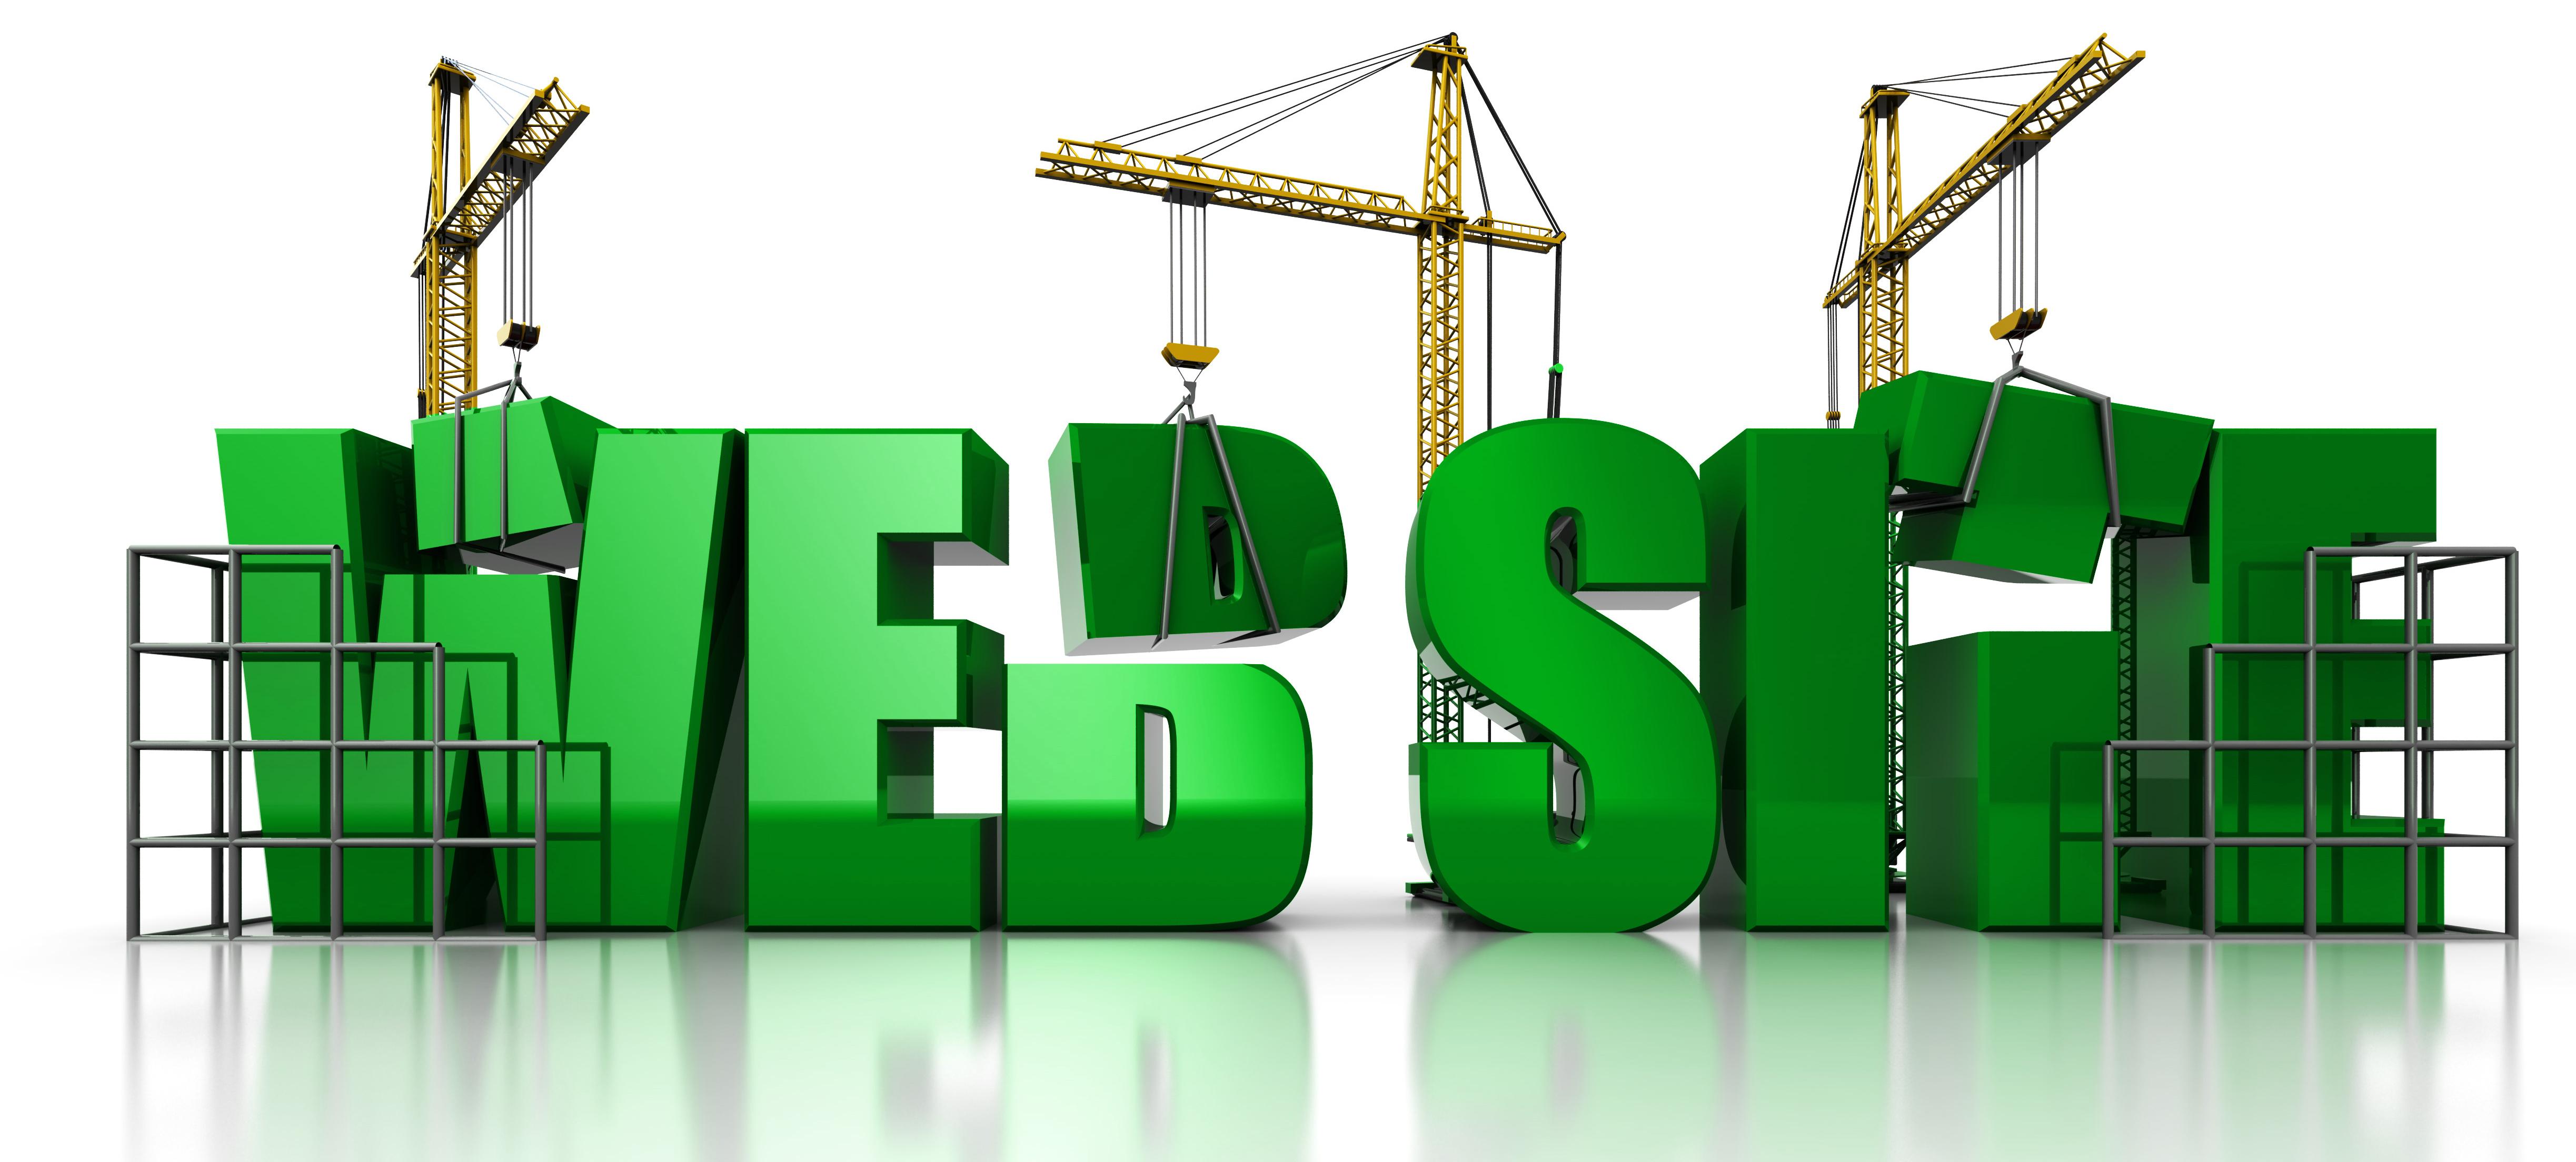 Diy do it yourself websites vendor space diy do it yourself websites solutioingenieria Image collections